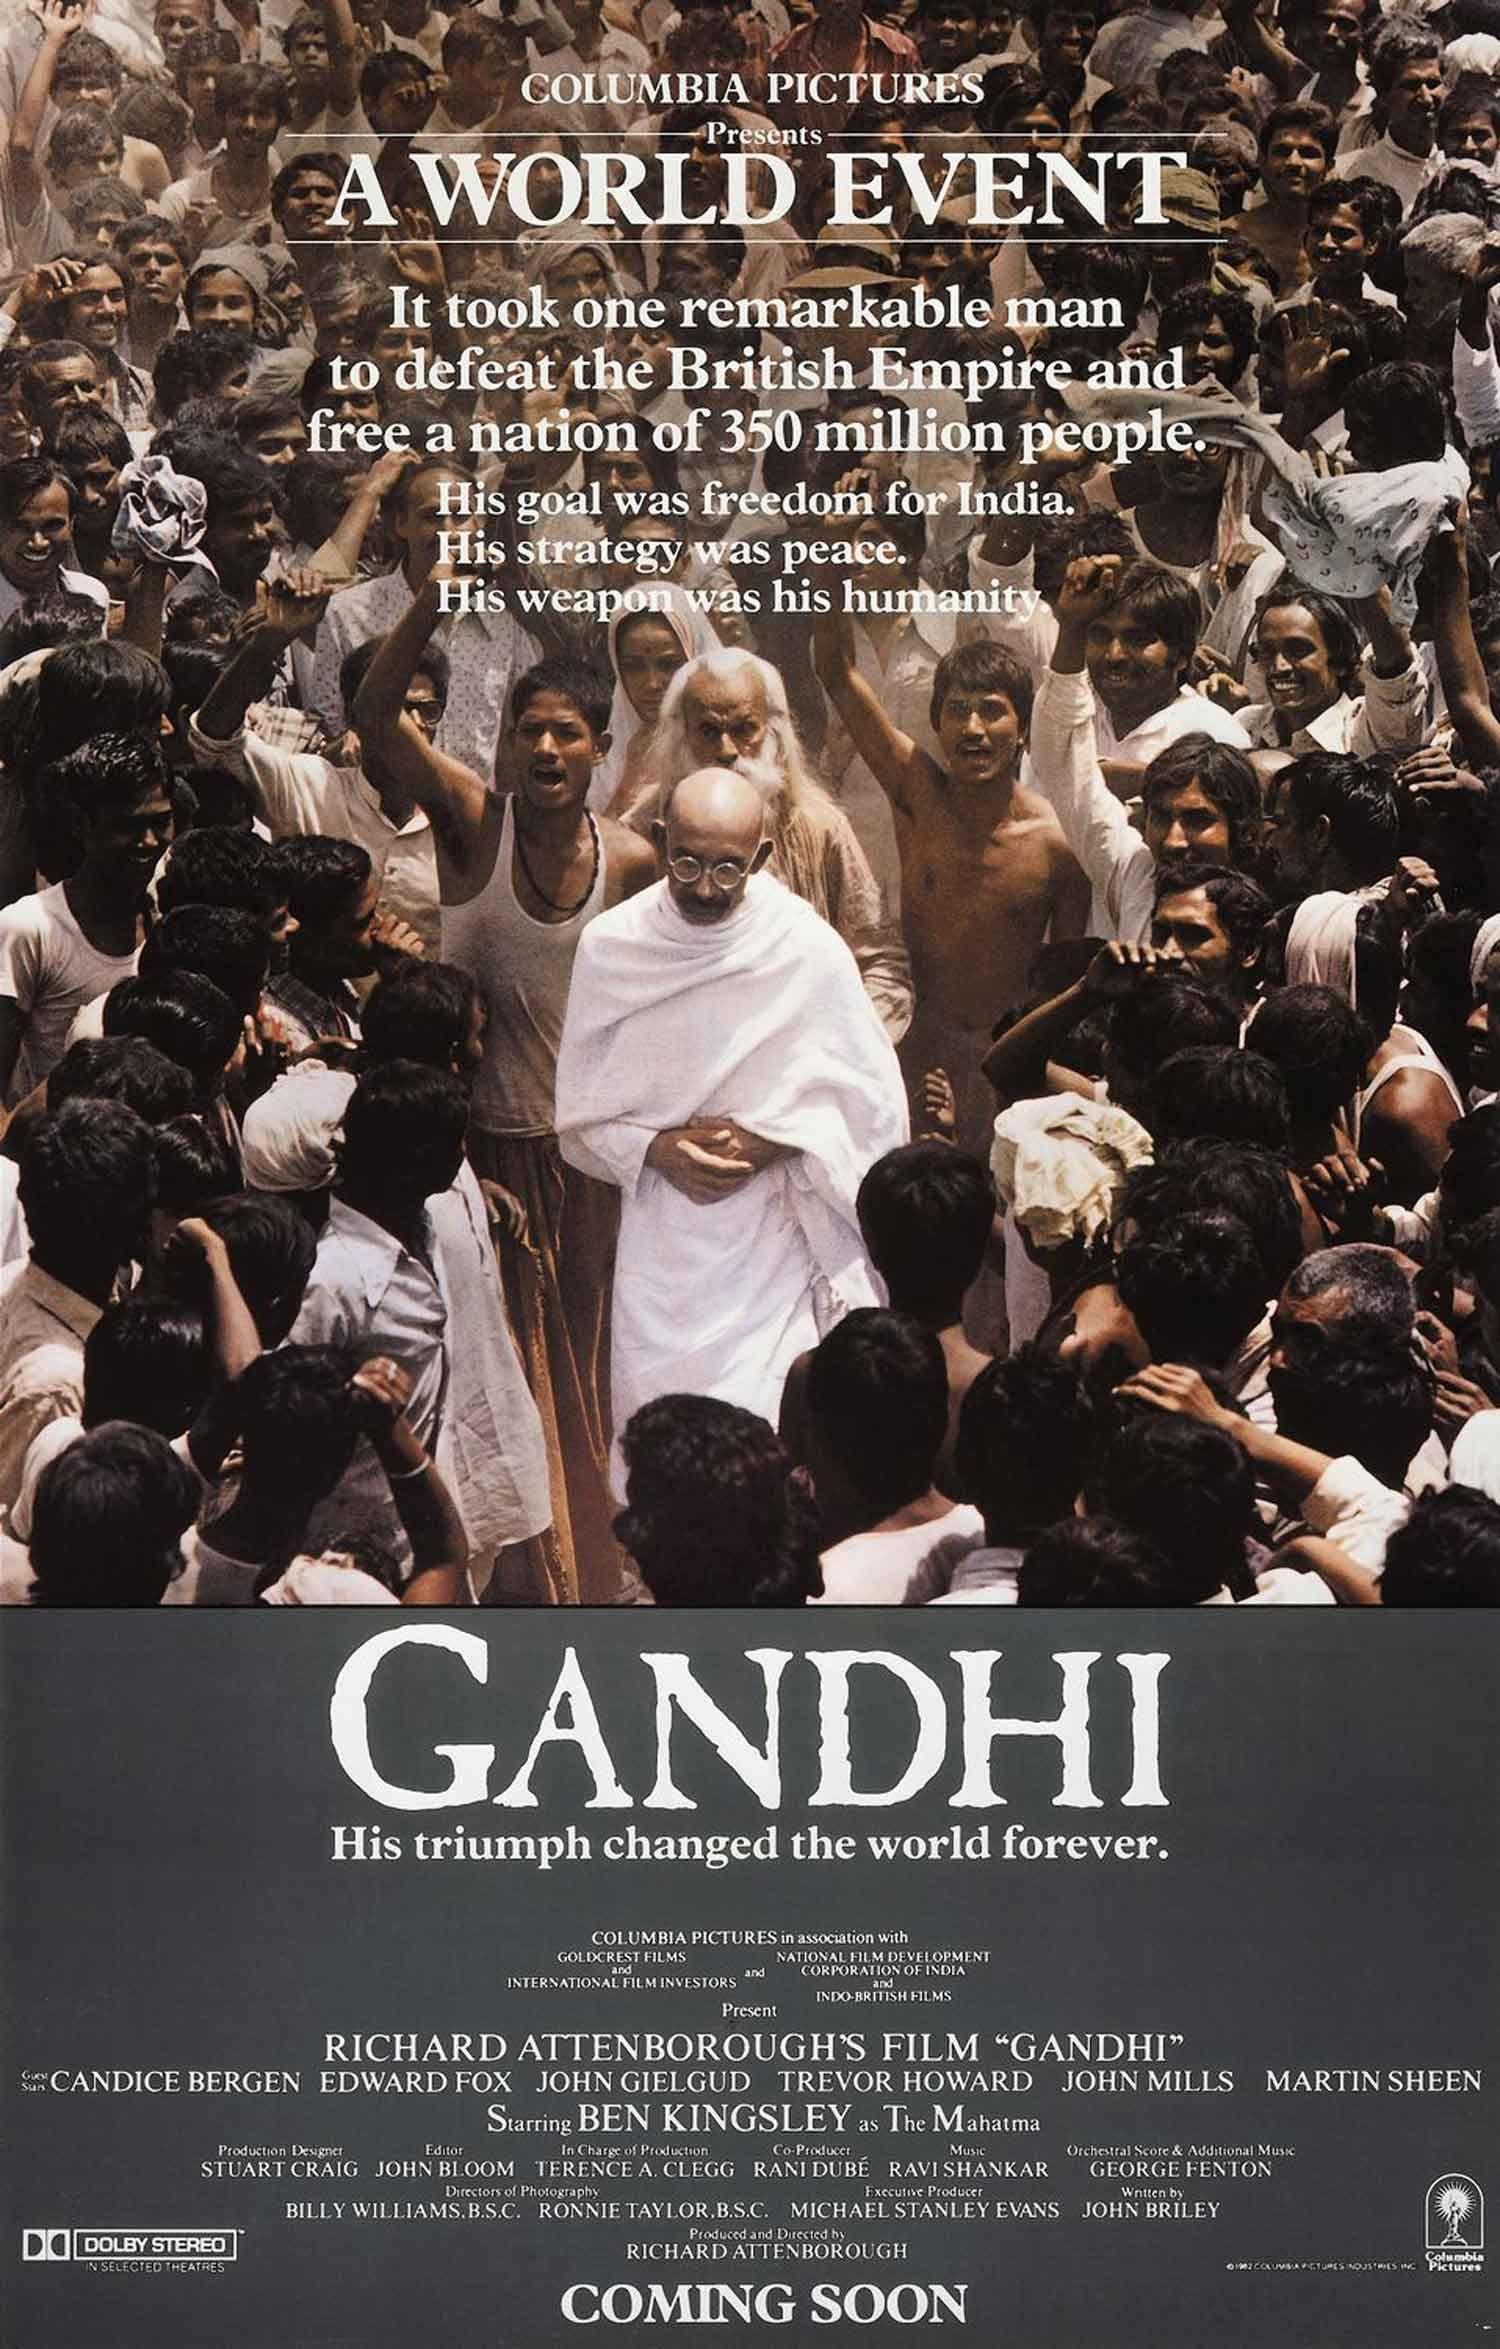 55th Academy Awards Best Picture Winner Gandhi Apr 11 1983 Gandhi Film See Movie Richard Attenborough